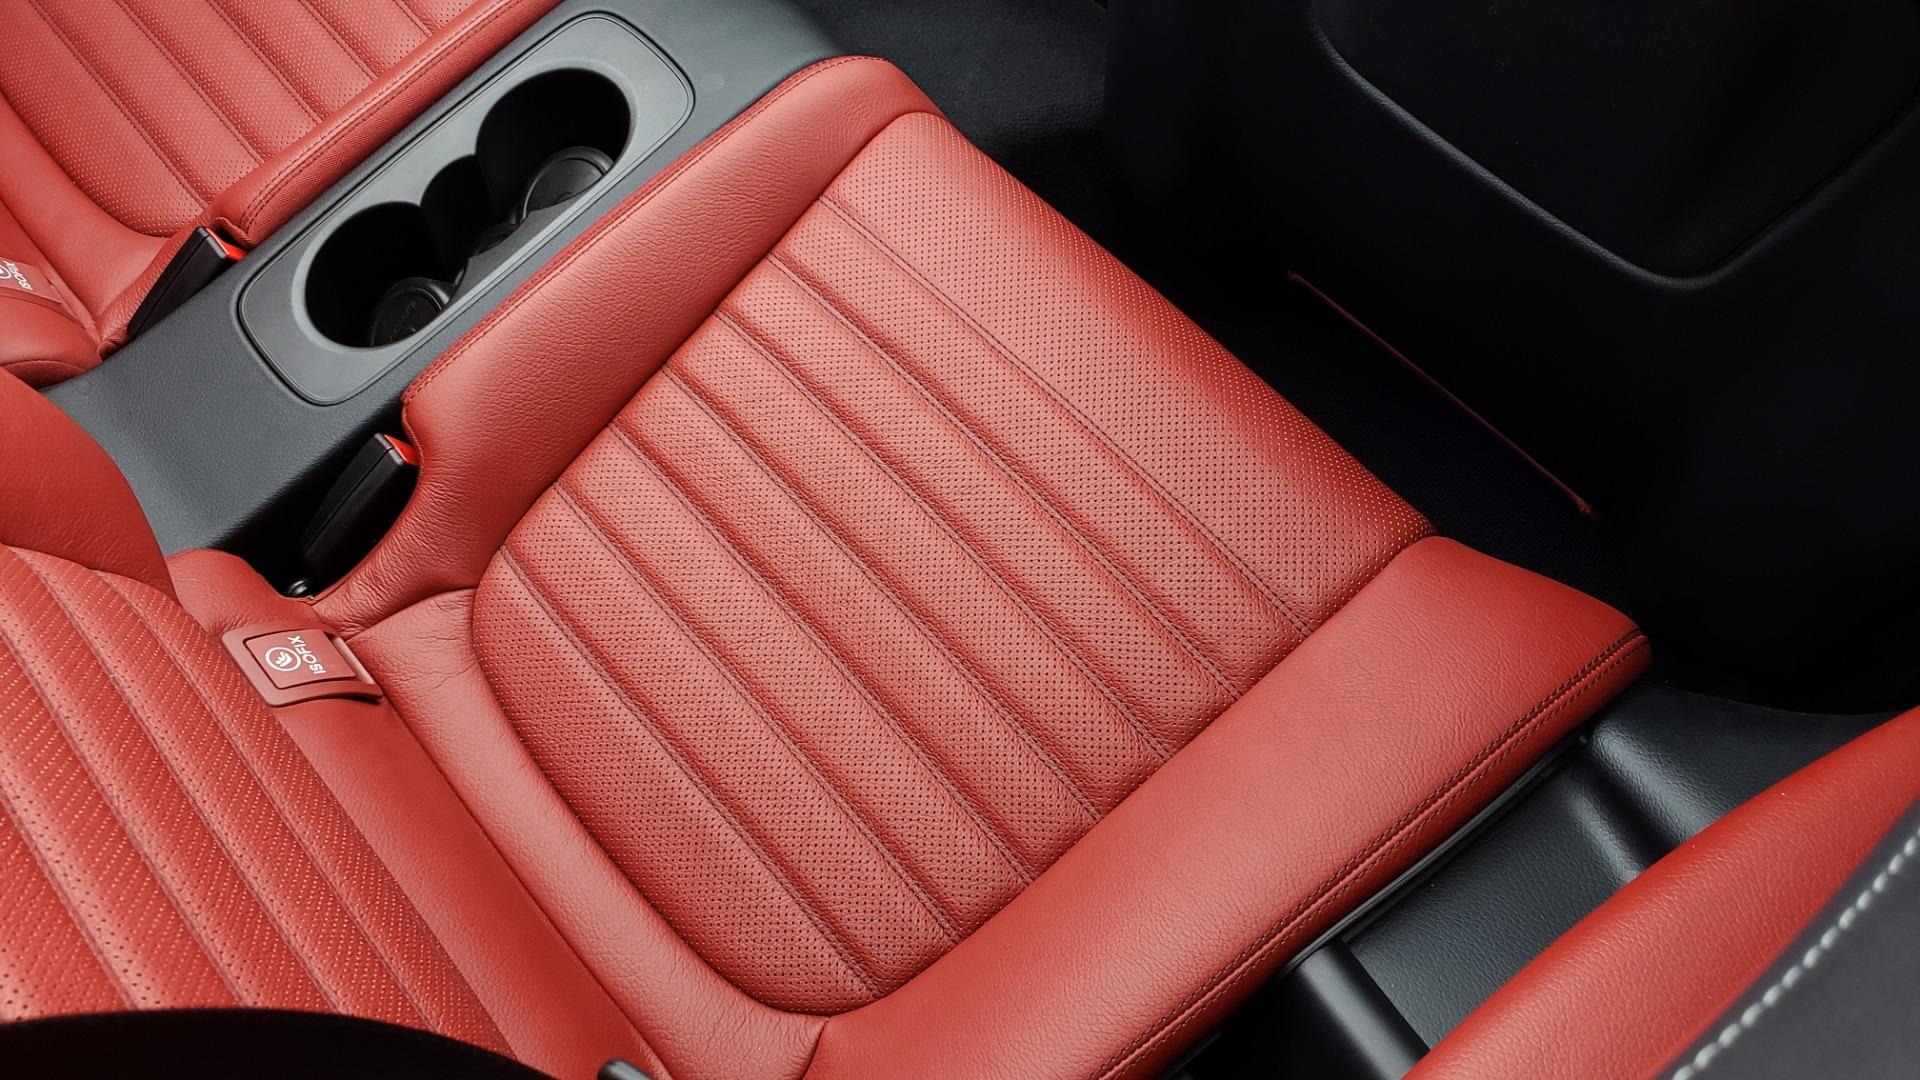 Used 2019 Mercedes-Benz C-CLASS C 300 CABRIOLET / PREM PKG / NAV / BURMESTER / MULTIMEDIA for sale $49,995 at Formula Imports in Charlotte NC 28227 73